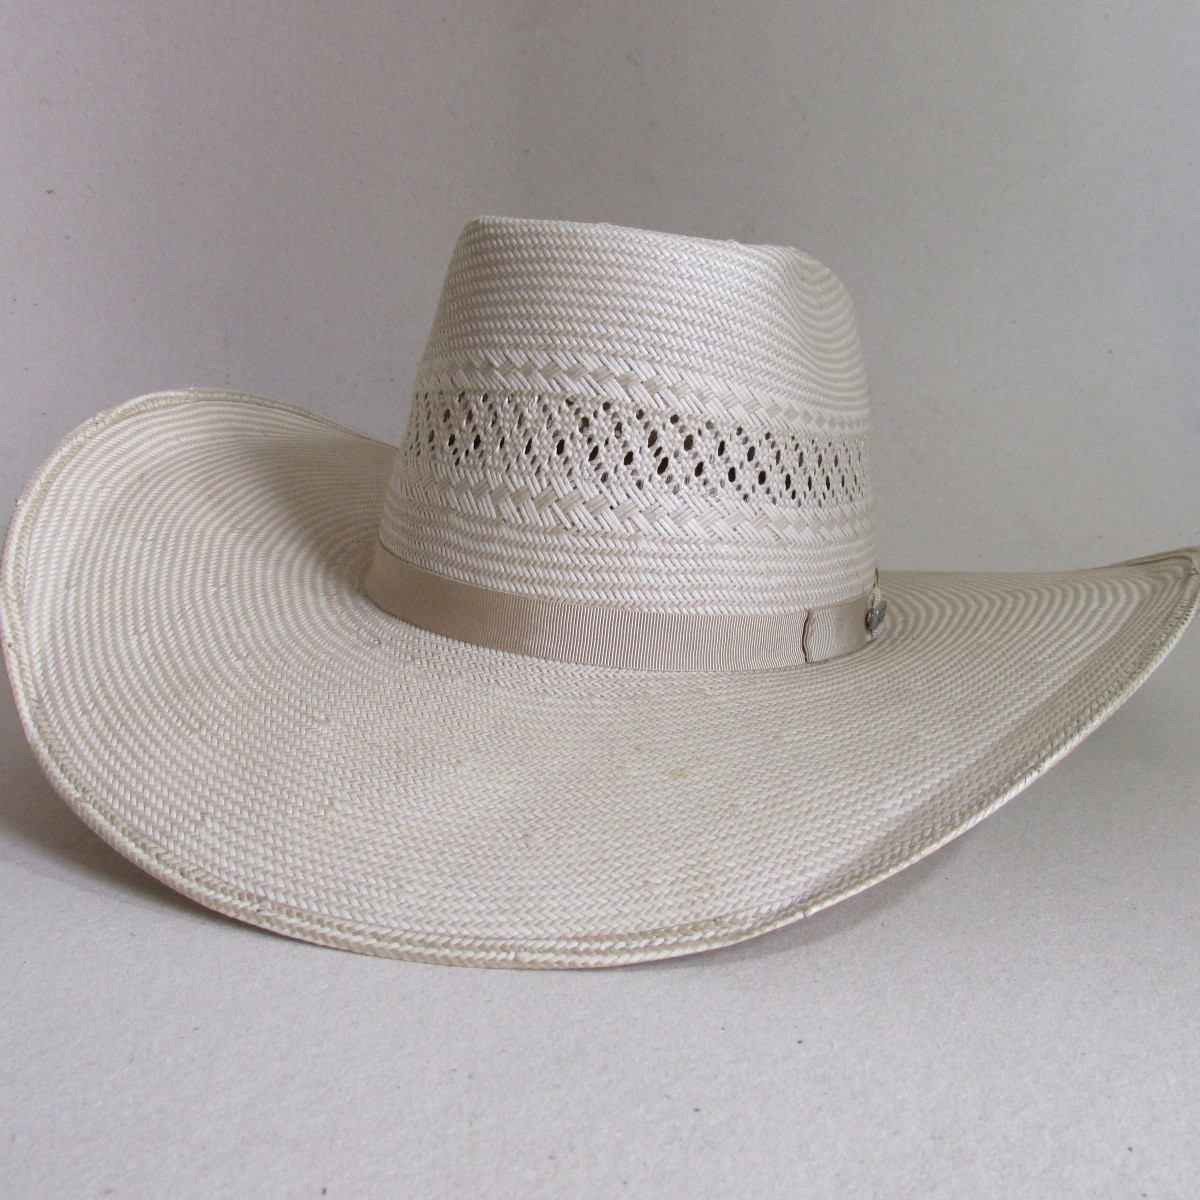 Chapéu Importado P B R Country Shantung 20xaba12cm Tam 58 - R  337 ... 6db2db042ef